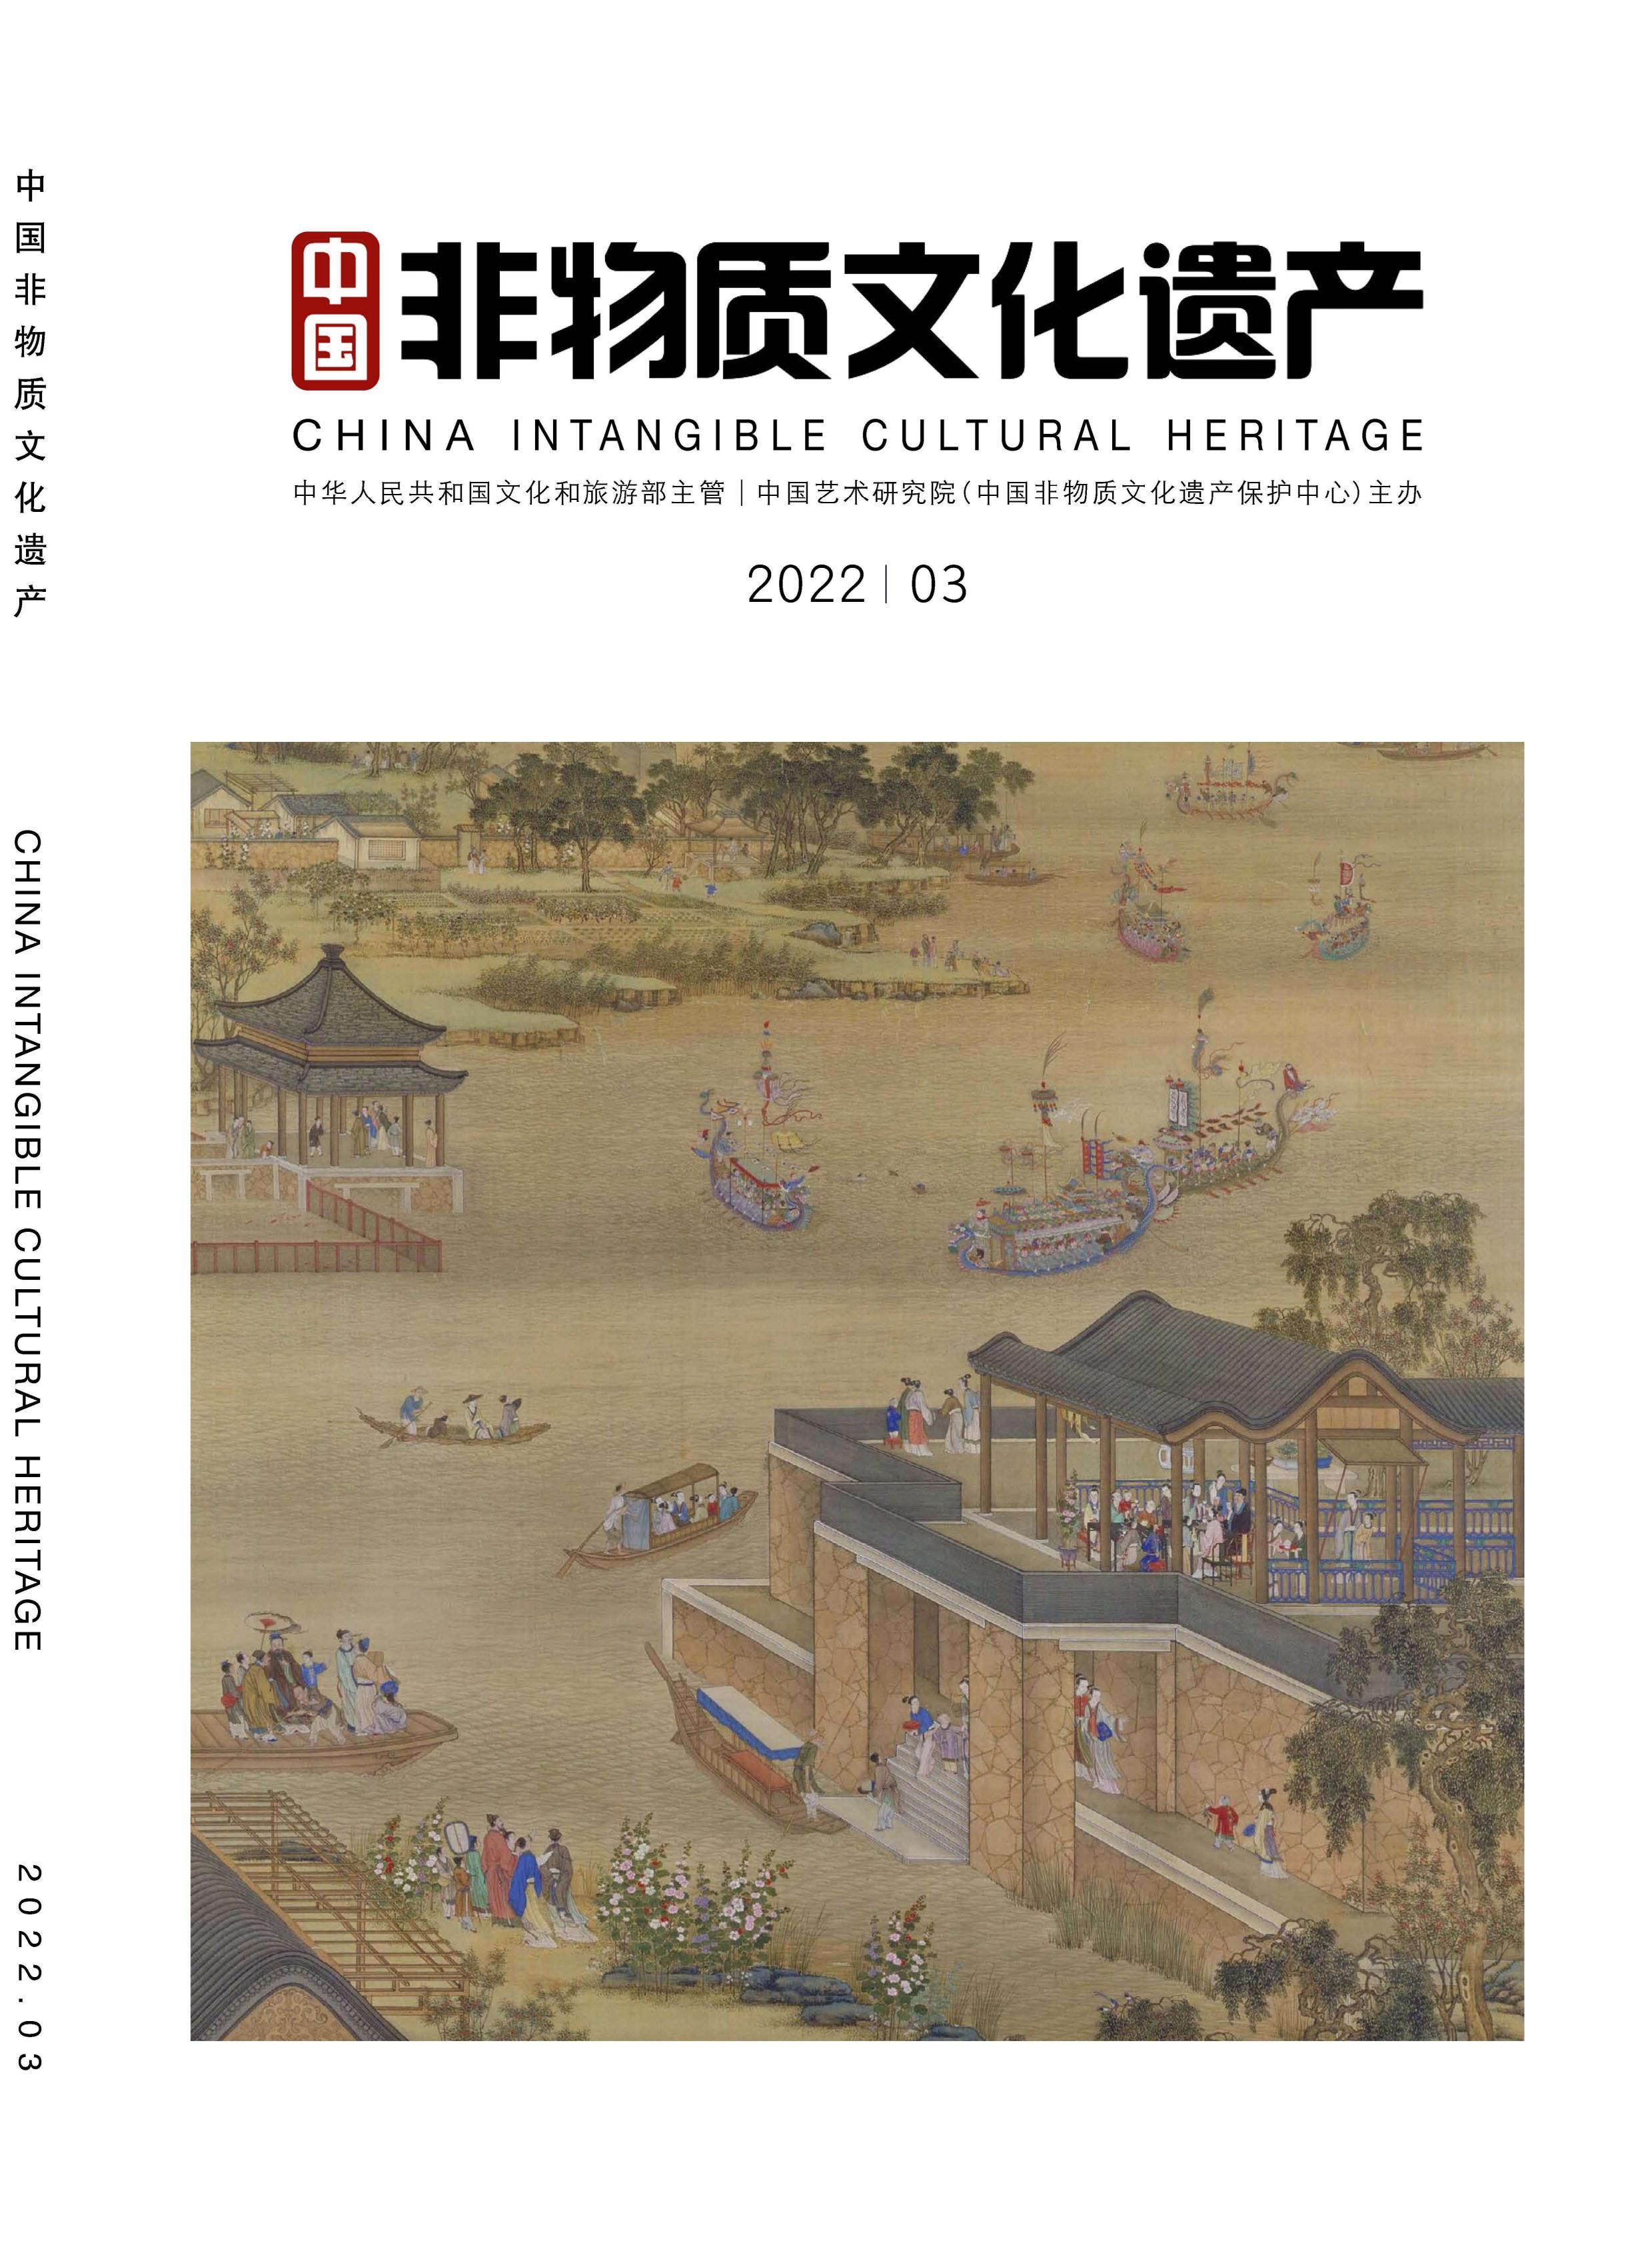 中国非物质文化遗产